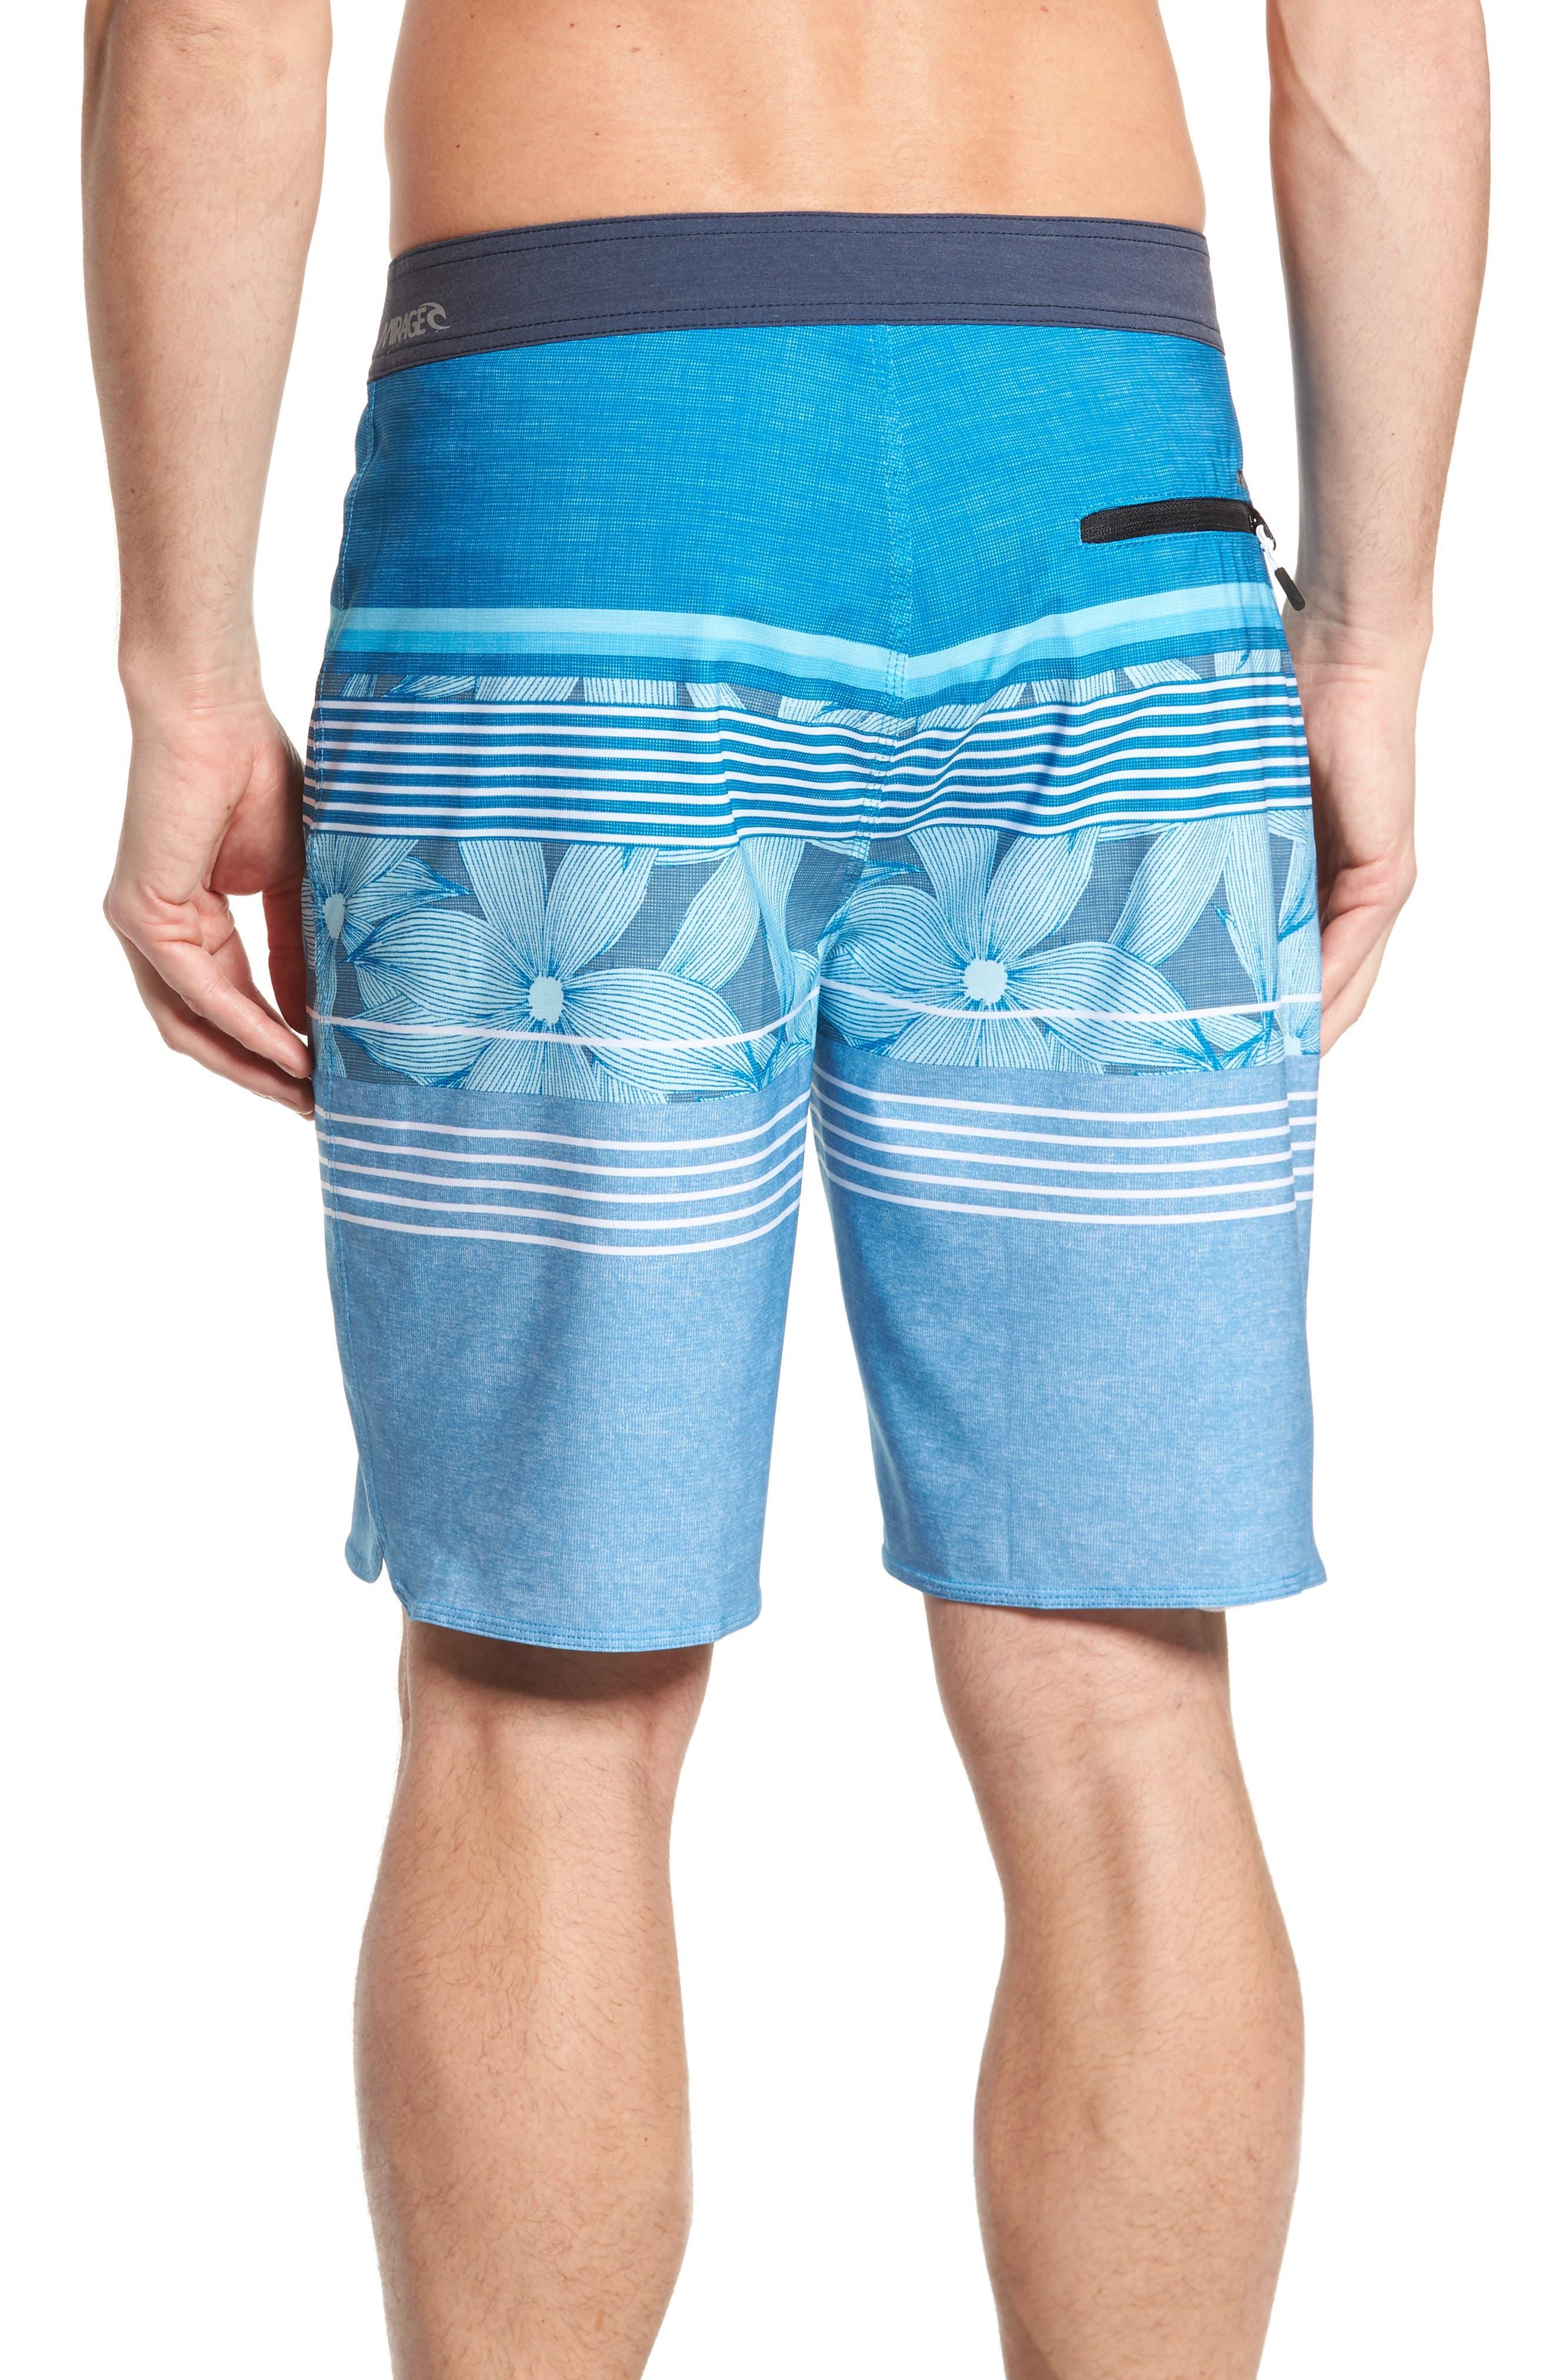 Mirage Shake Up Board Shorts,                             Alternate thumbnail 2, color,                             400